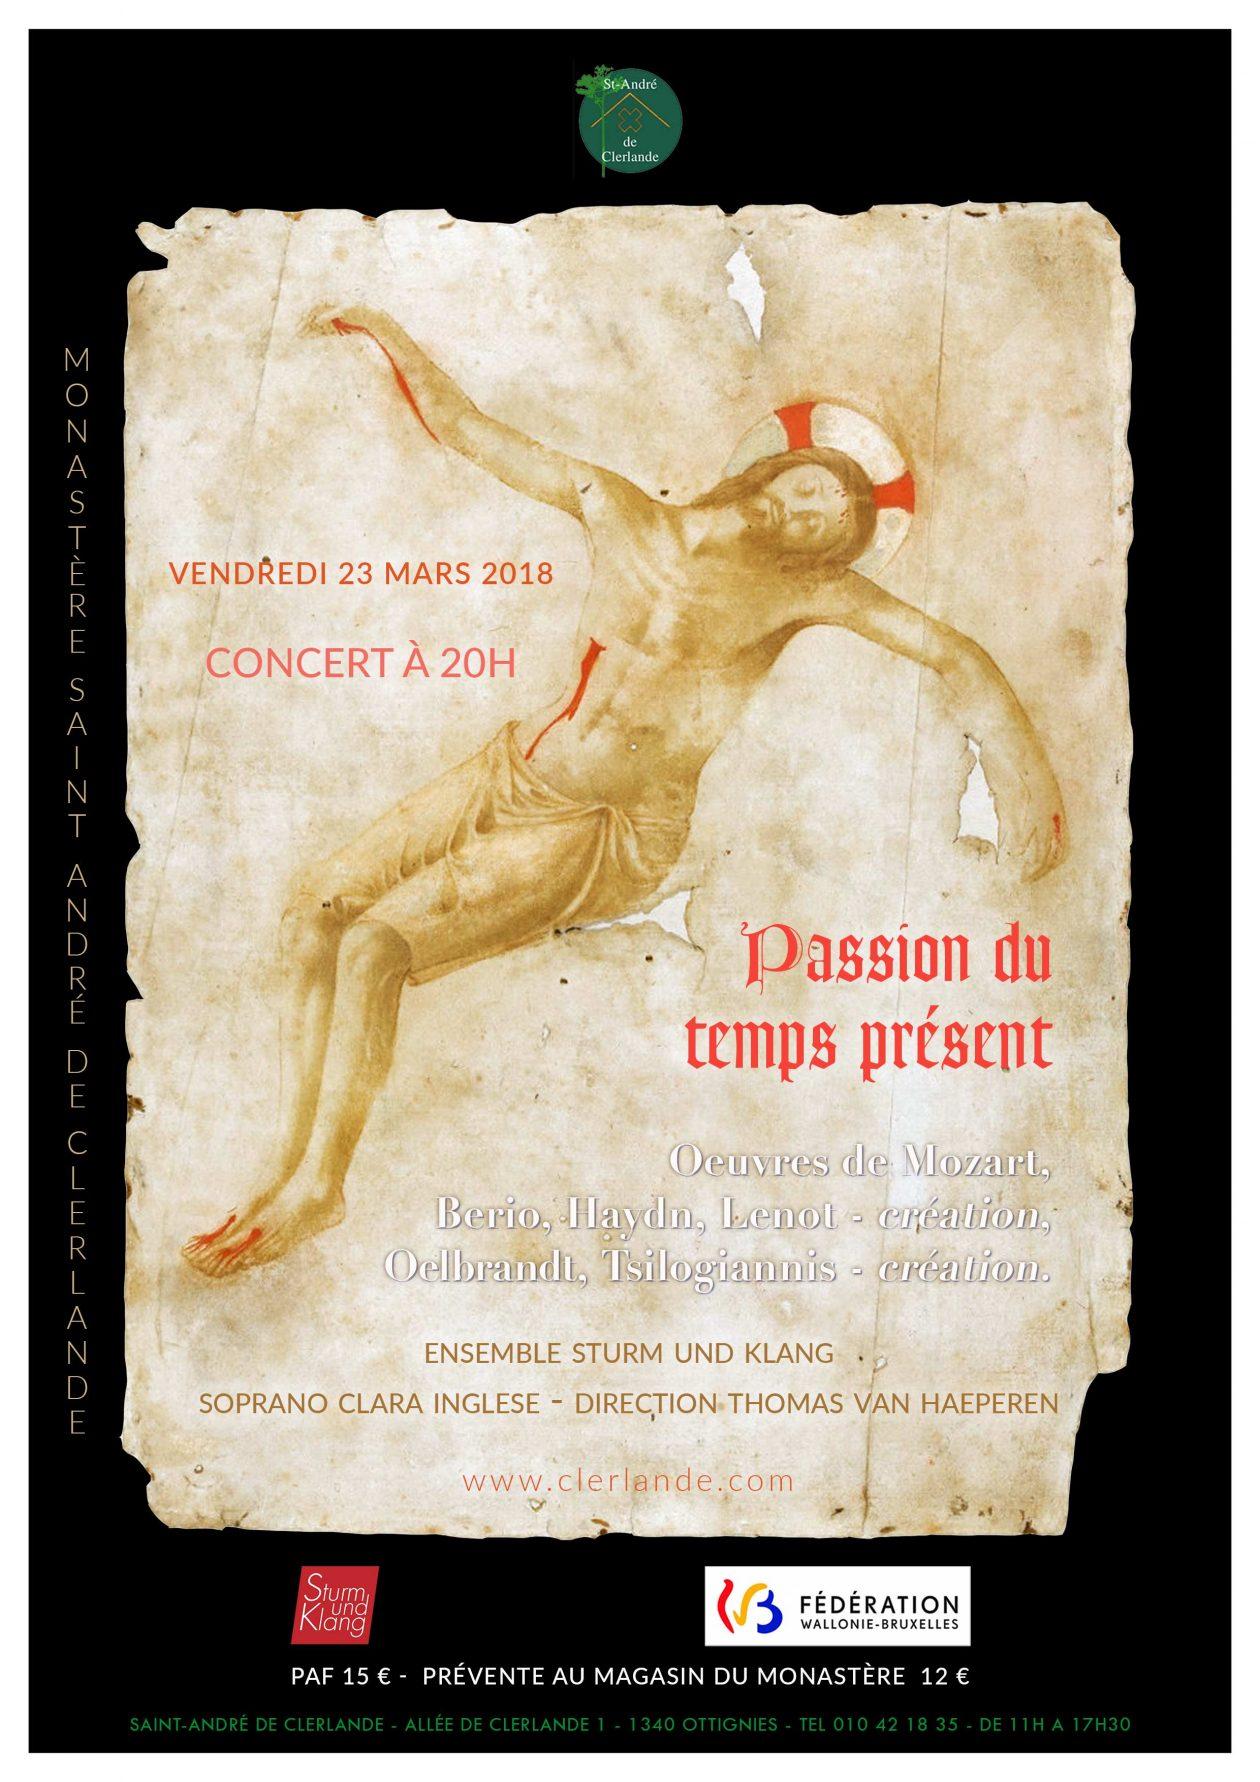 Affiche Clerlande 23.03.18